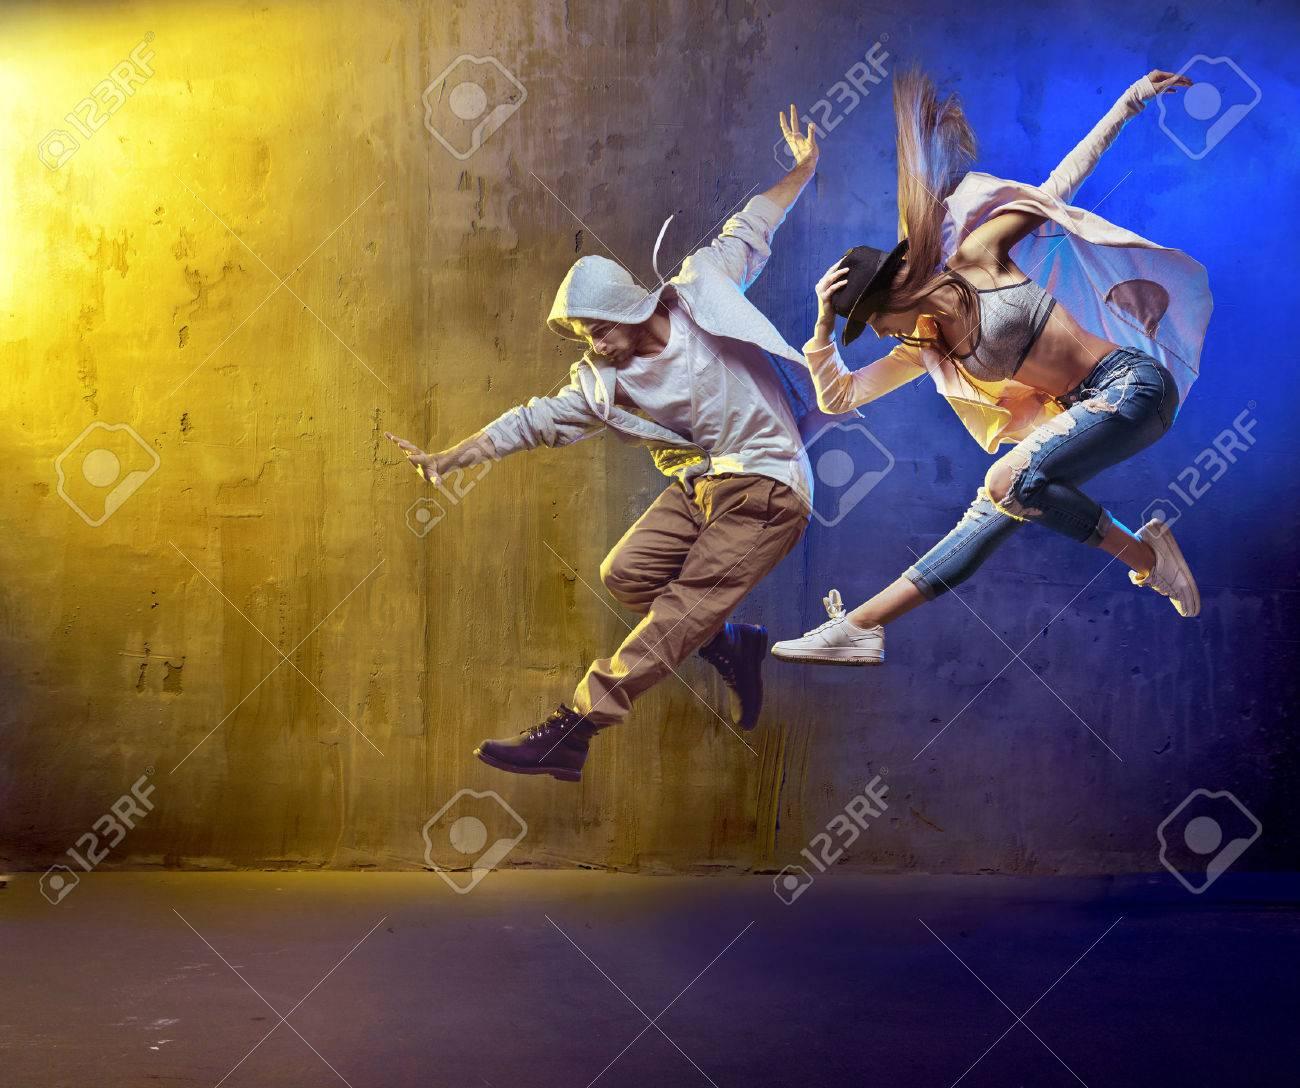 ballerini eleganti fancing in un luogo concreto Archivio Fotografico - 53140599